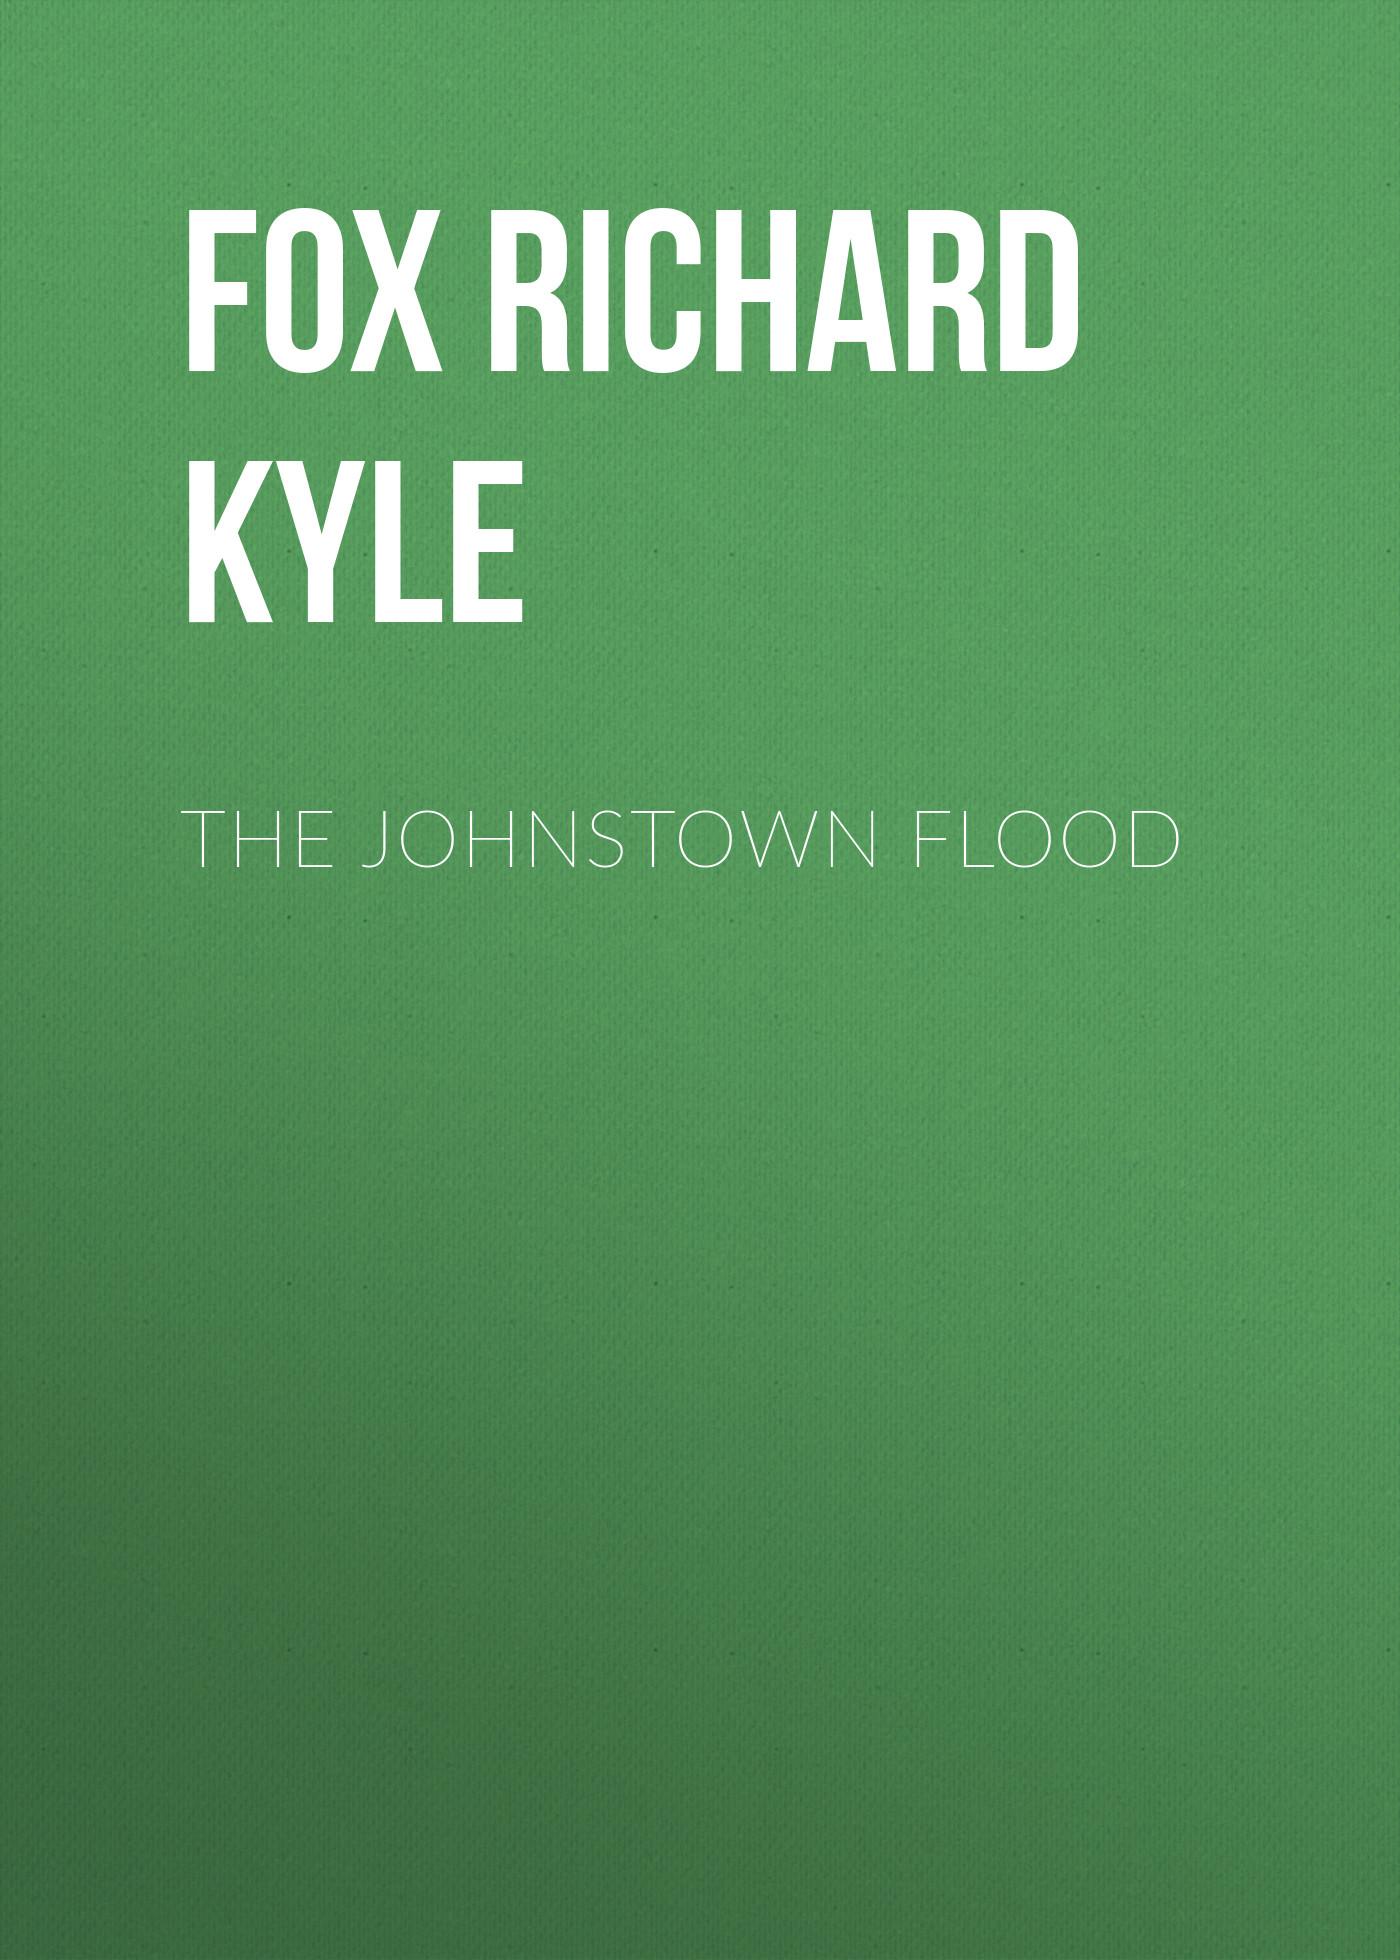 лучшая цена Fox Richard Kyle The Johnstown Flood